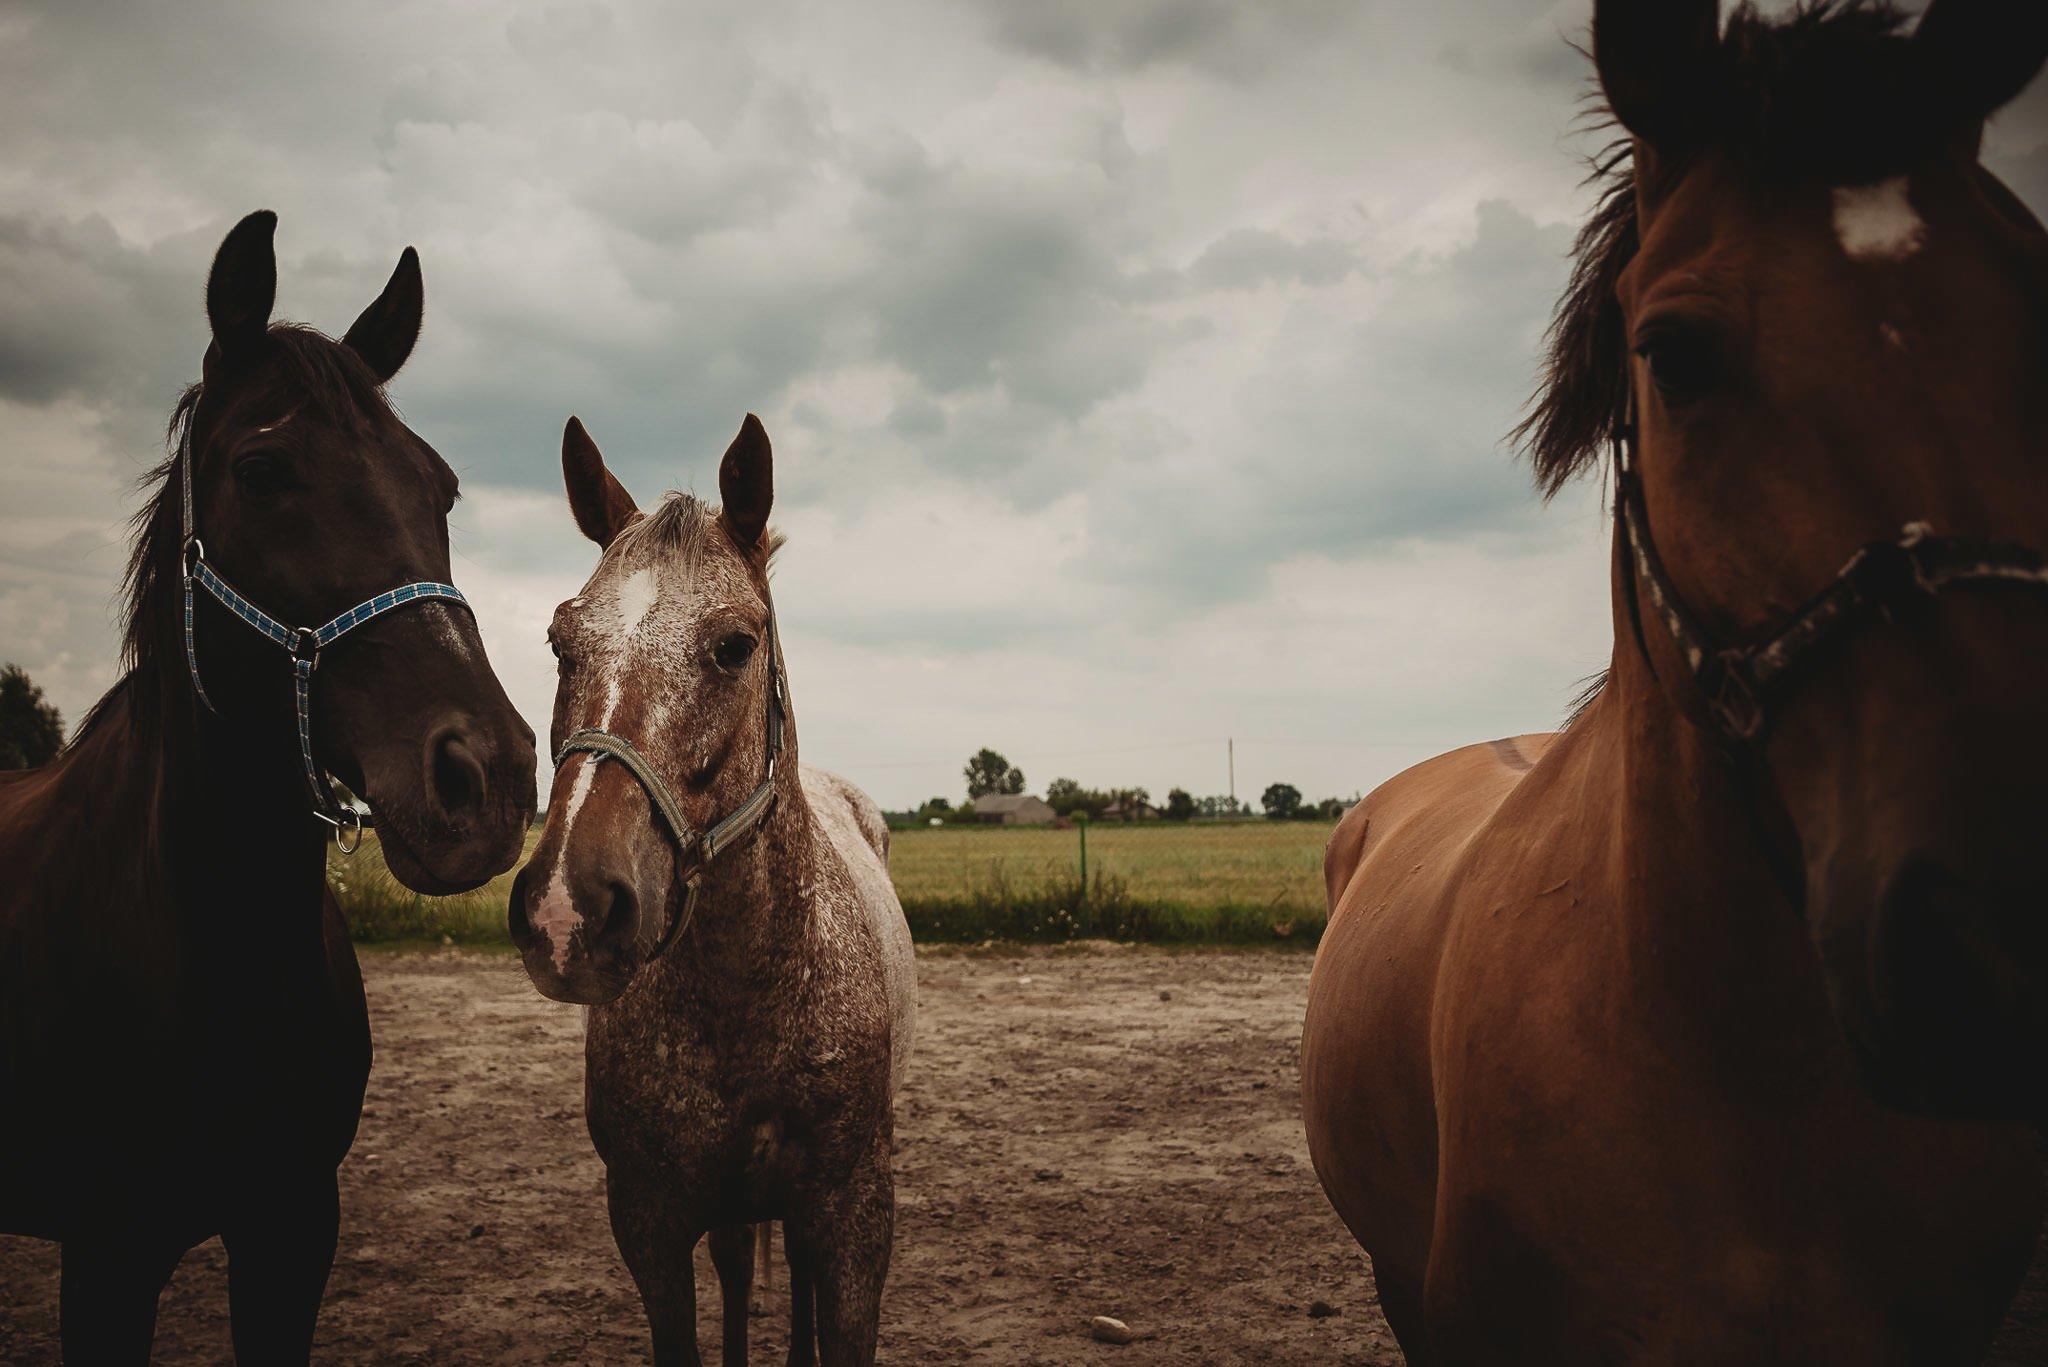 Monika i Michał, wesele w Paryżu i sesja plenerowa w stadninie koni w Czołowie 418